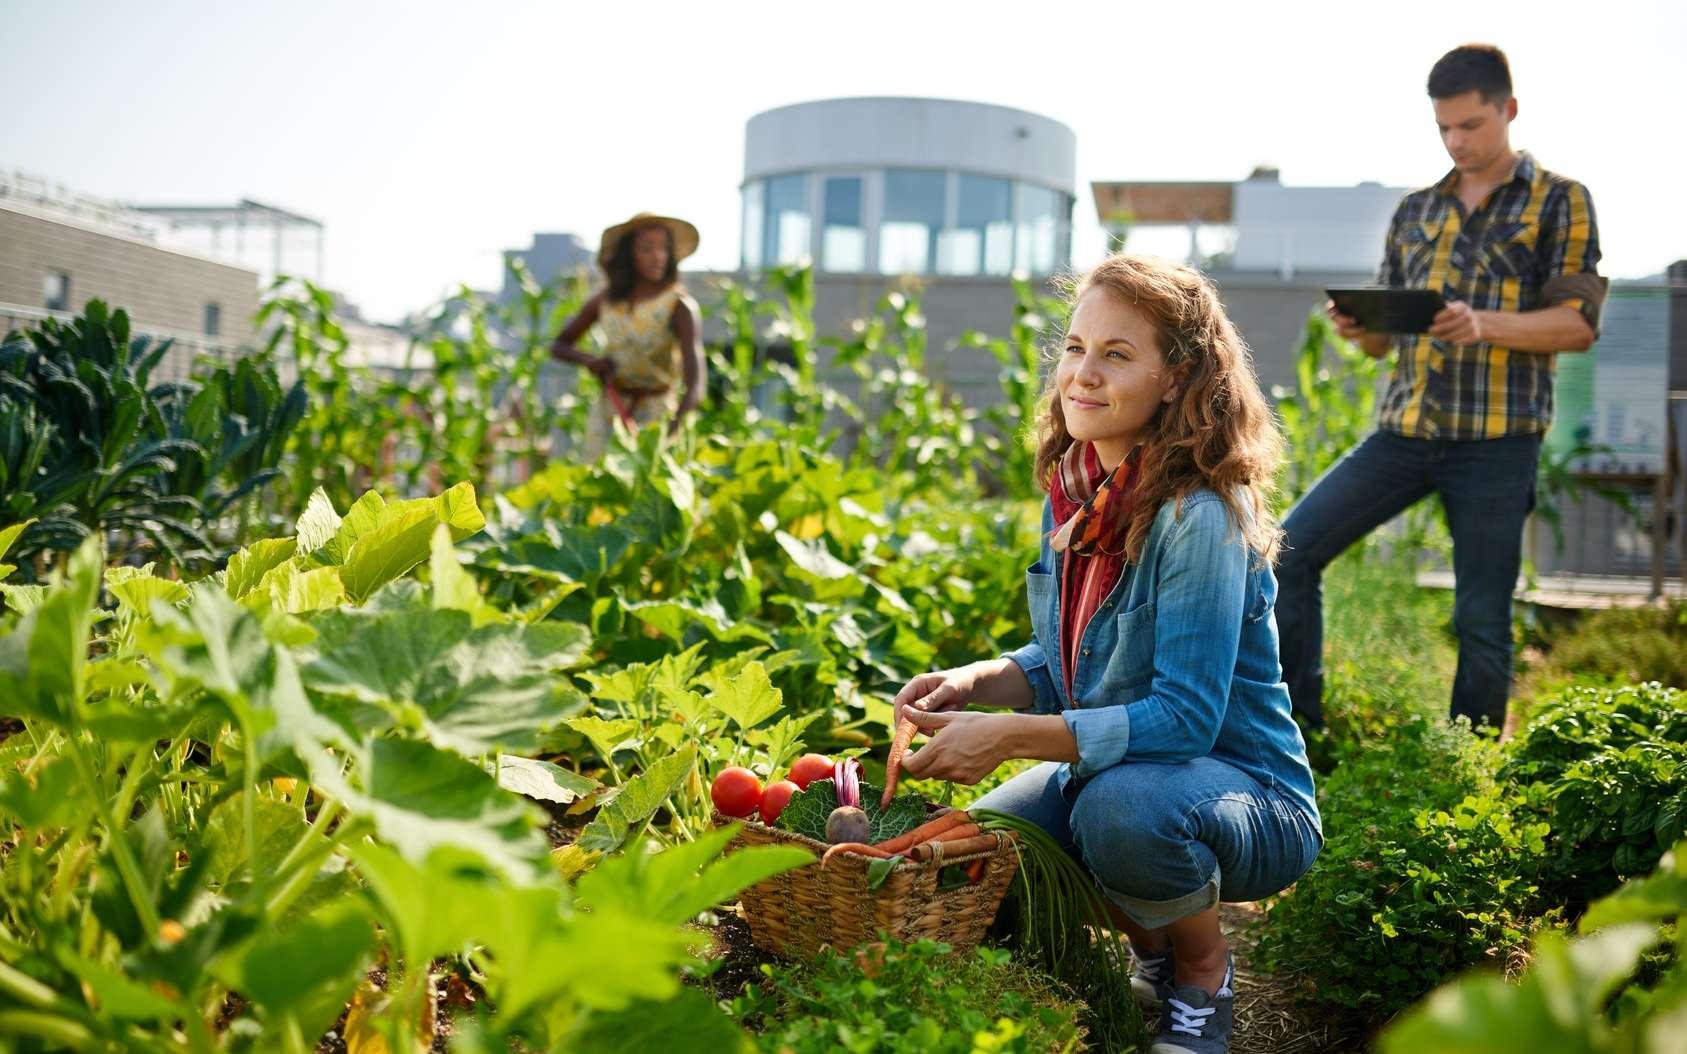 Faire pousser des légumes sur le toit des immeubles, pourquoi pas ? Le toit potager en ville aurait des avantages. © AYAimages, Fotolia